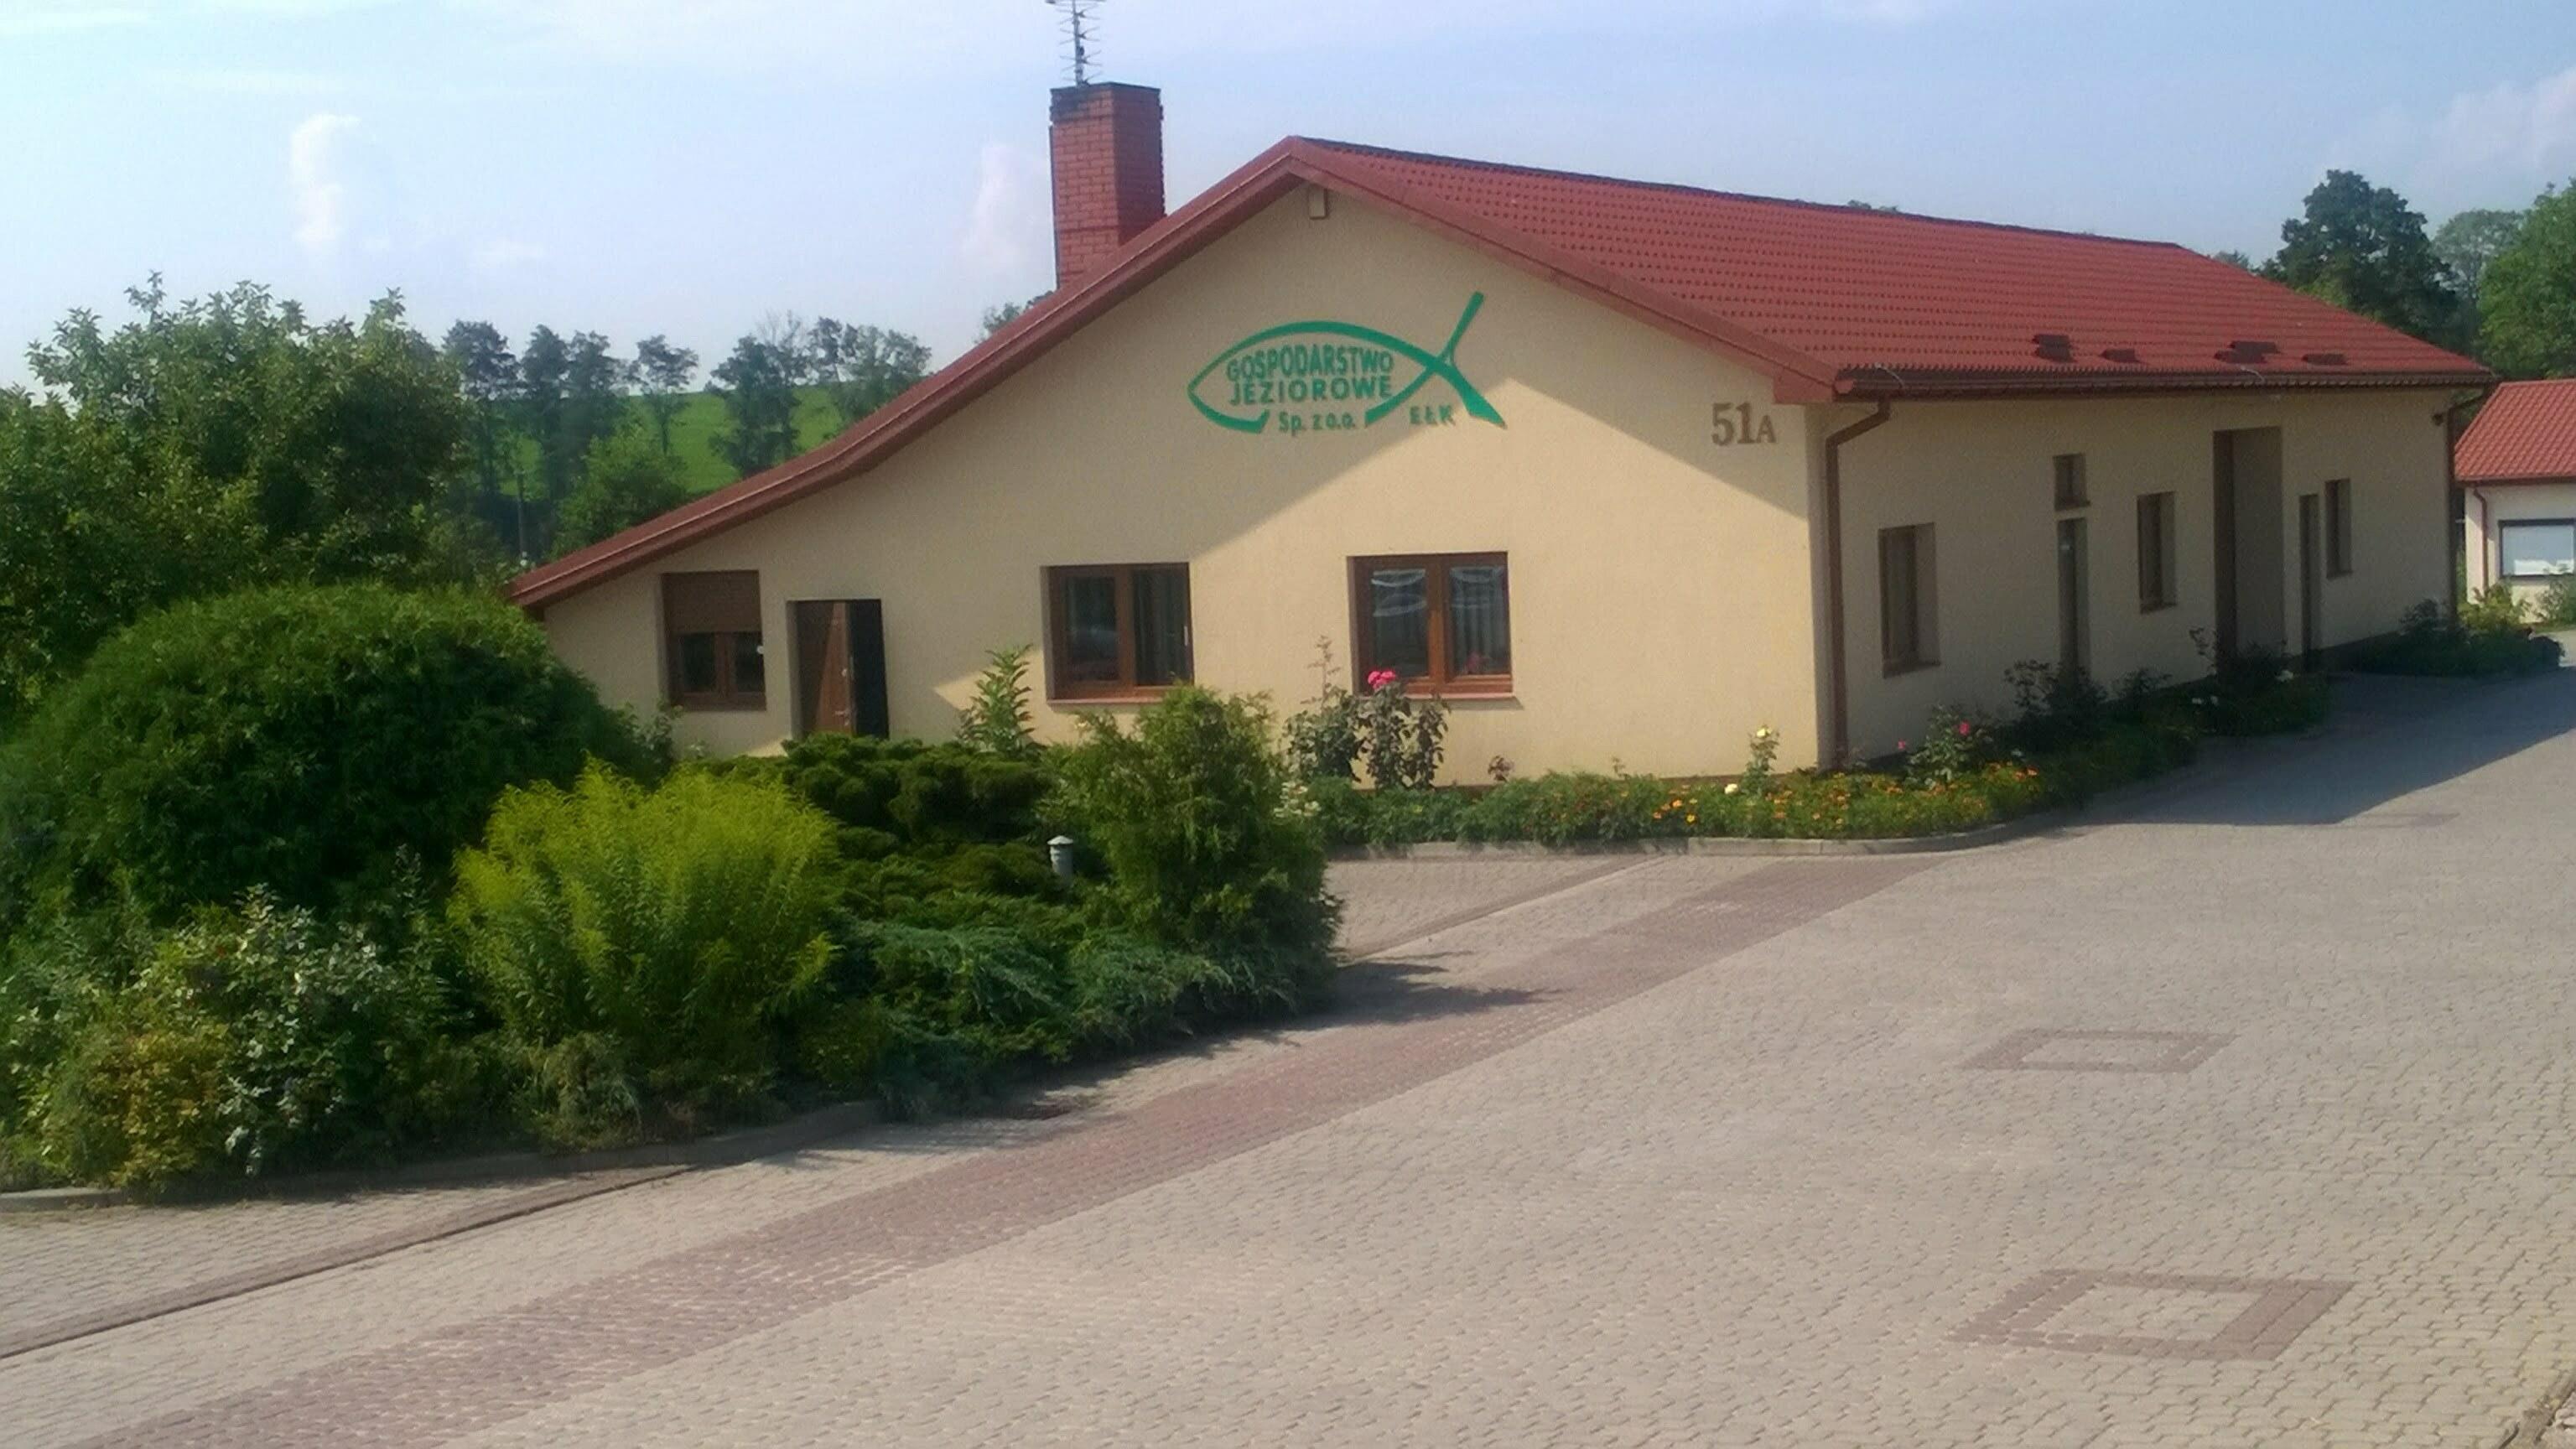 Gospodarstwo Jeziorowe w Ełku